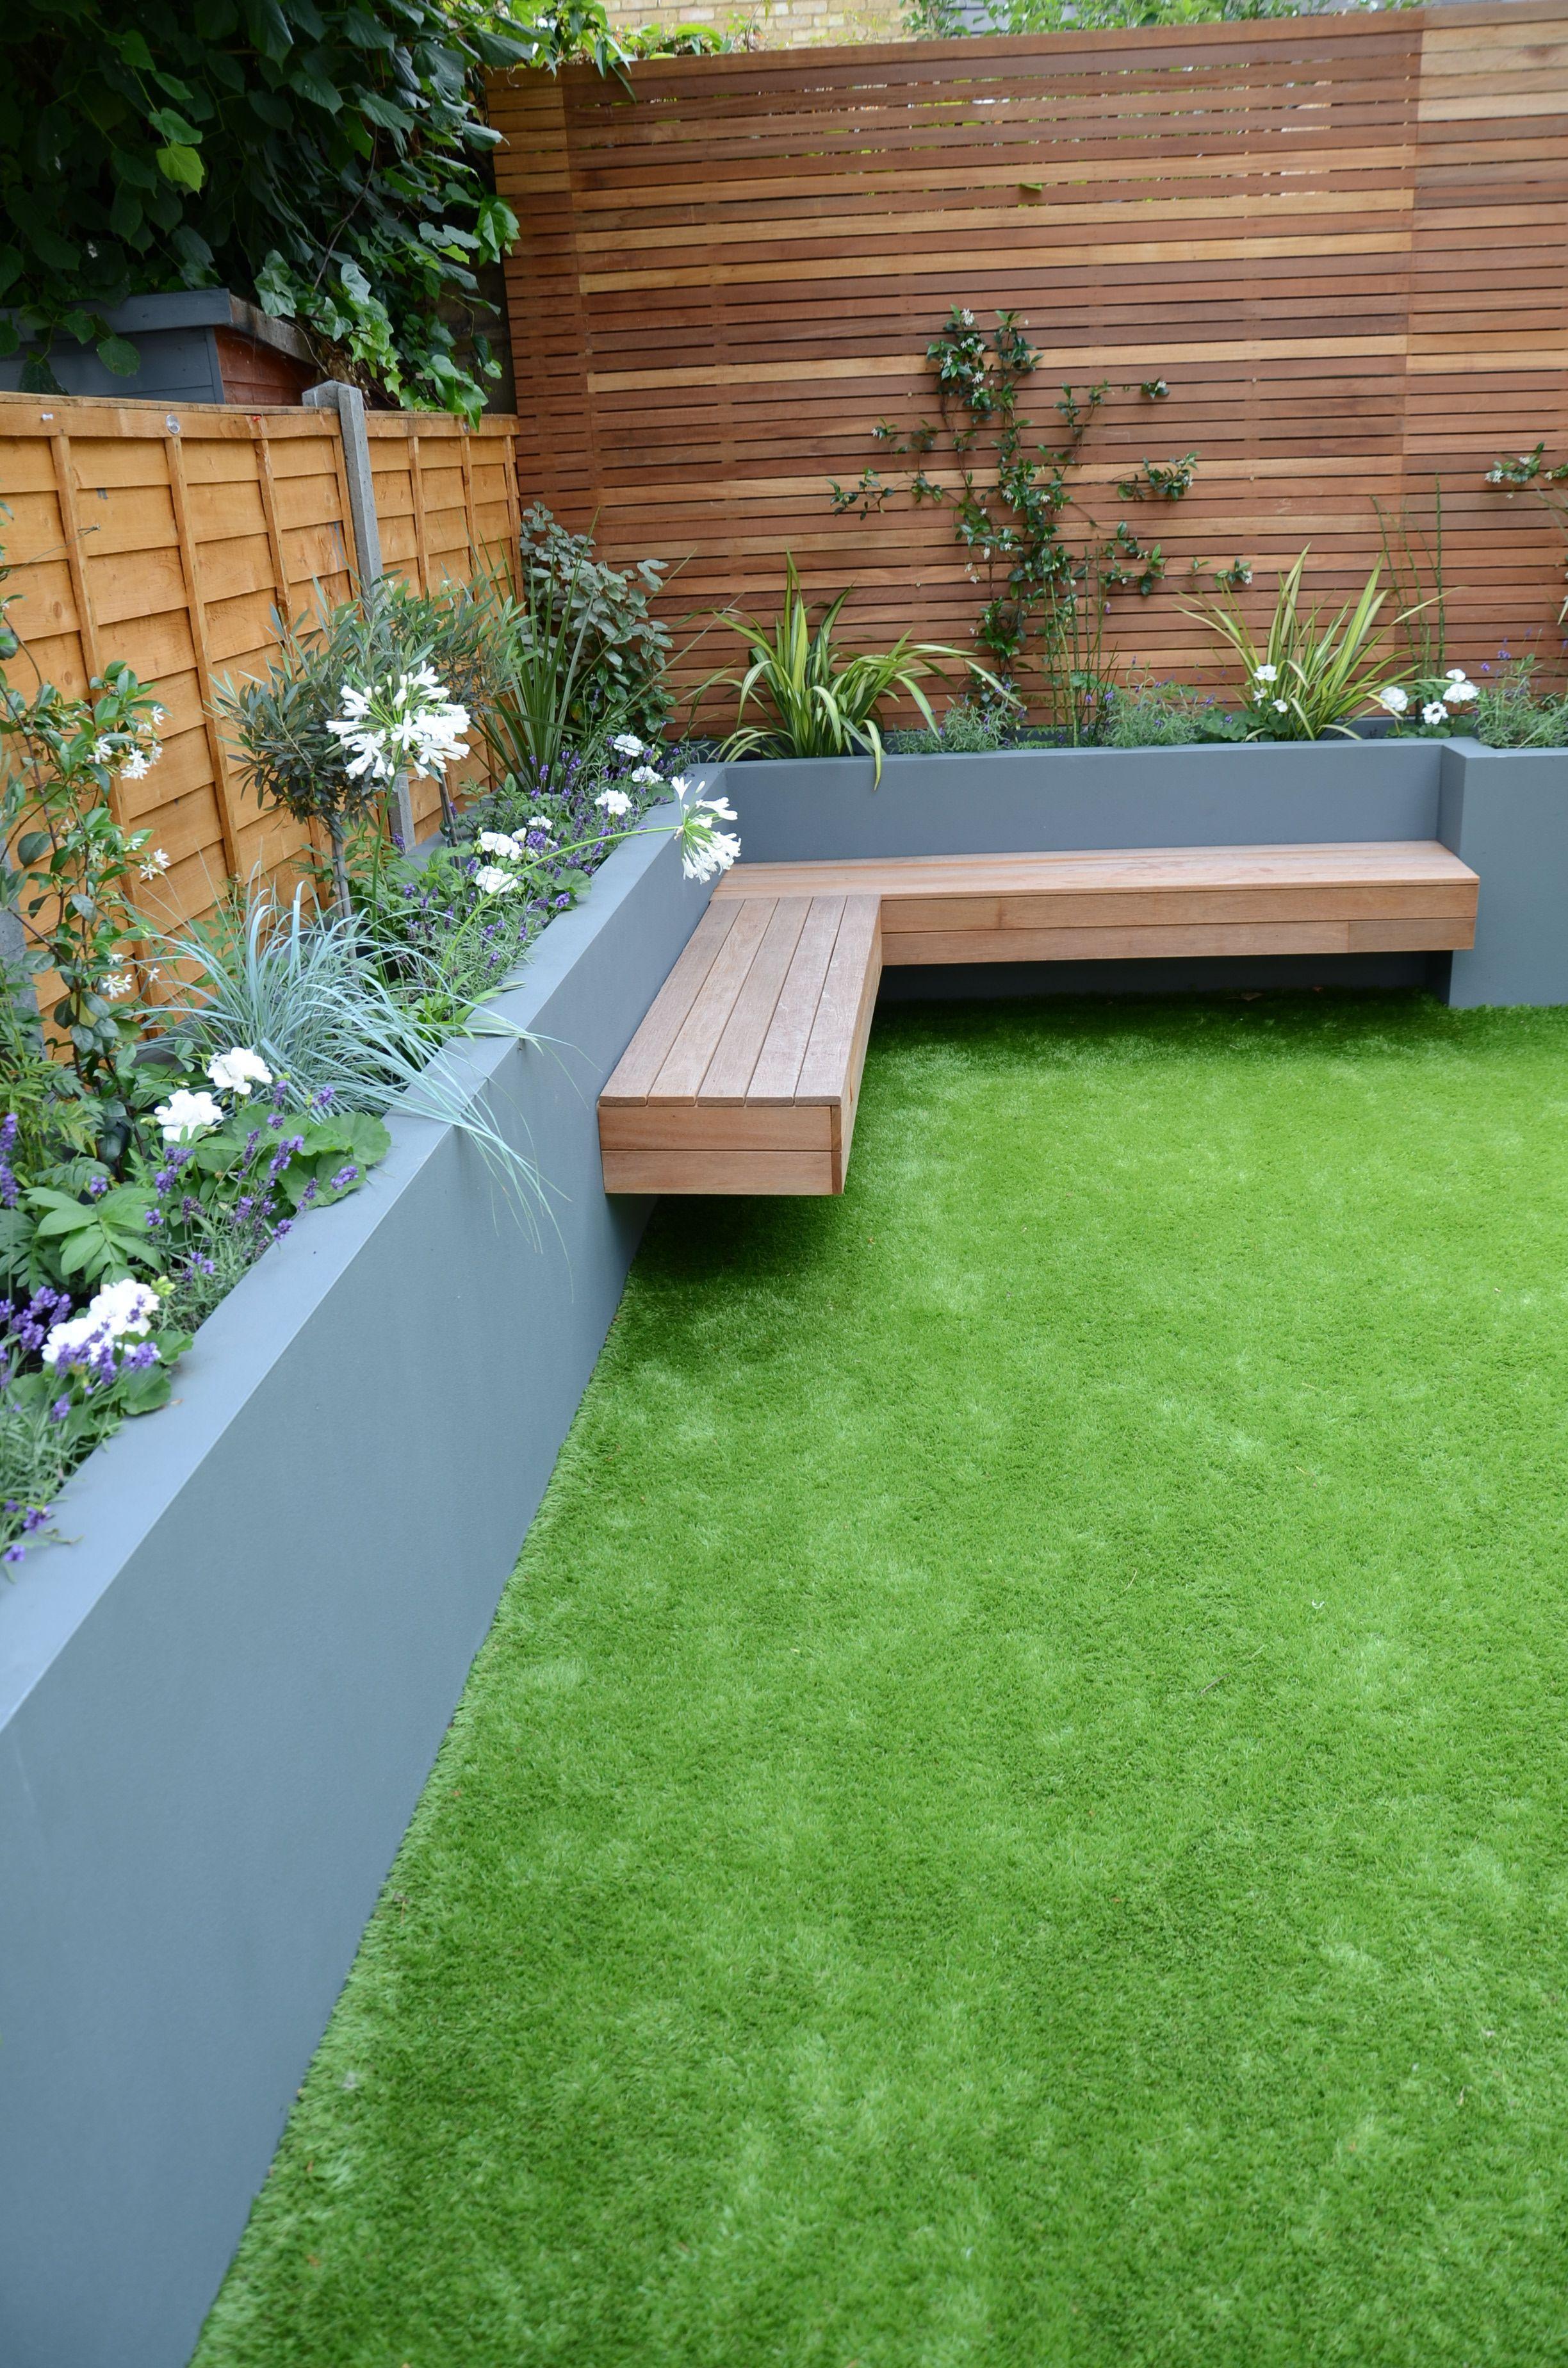 Awe Inspiring 45 Best Diy Outdoor Bench Ideas For Seating In The Garden Inzonedesignstudio Interior Chair Design Inzonedesignstudiocom